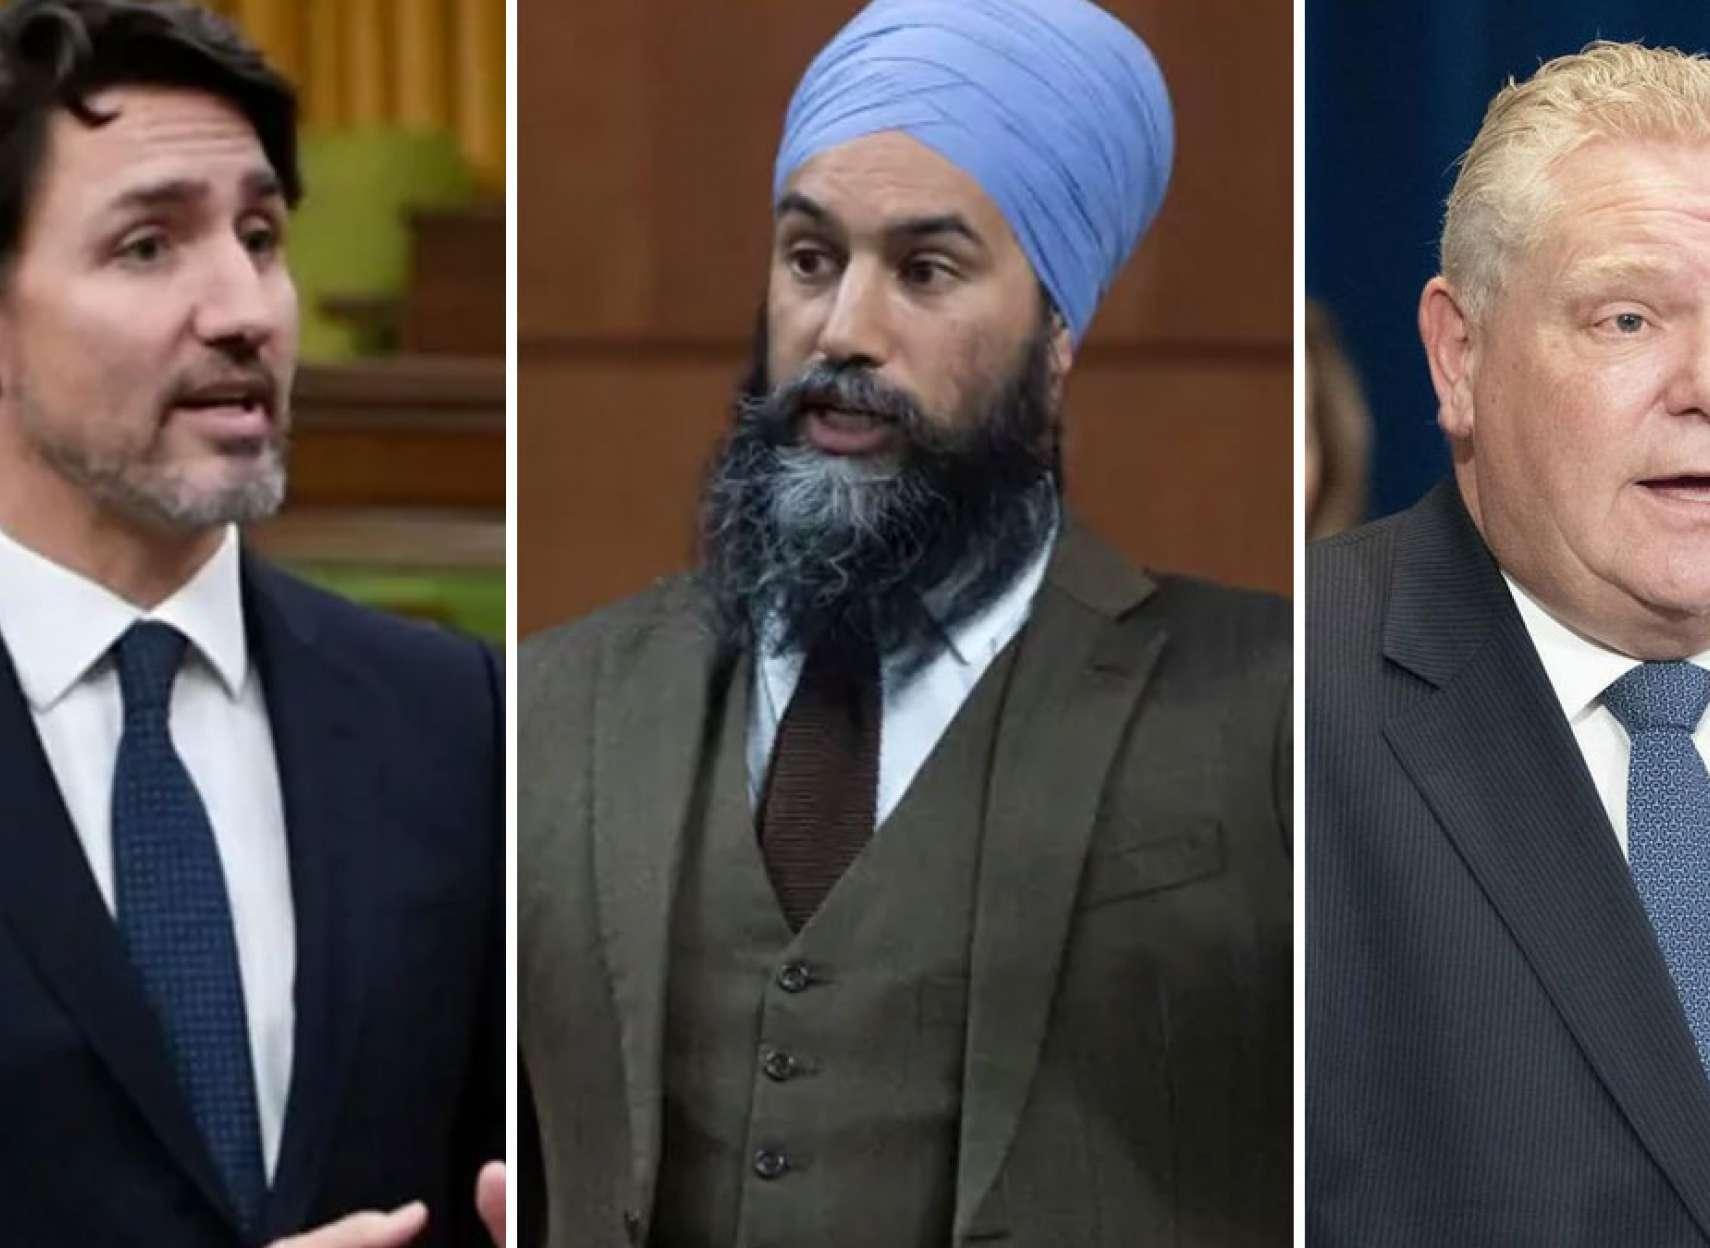 اخبار-کانادا-زد-و-بست-فورد-در-انتاریو،-زد-و-بند-ترودو-با-سینگ